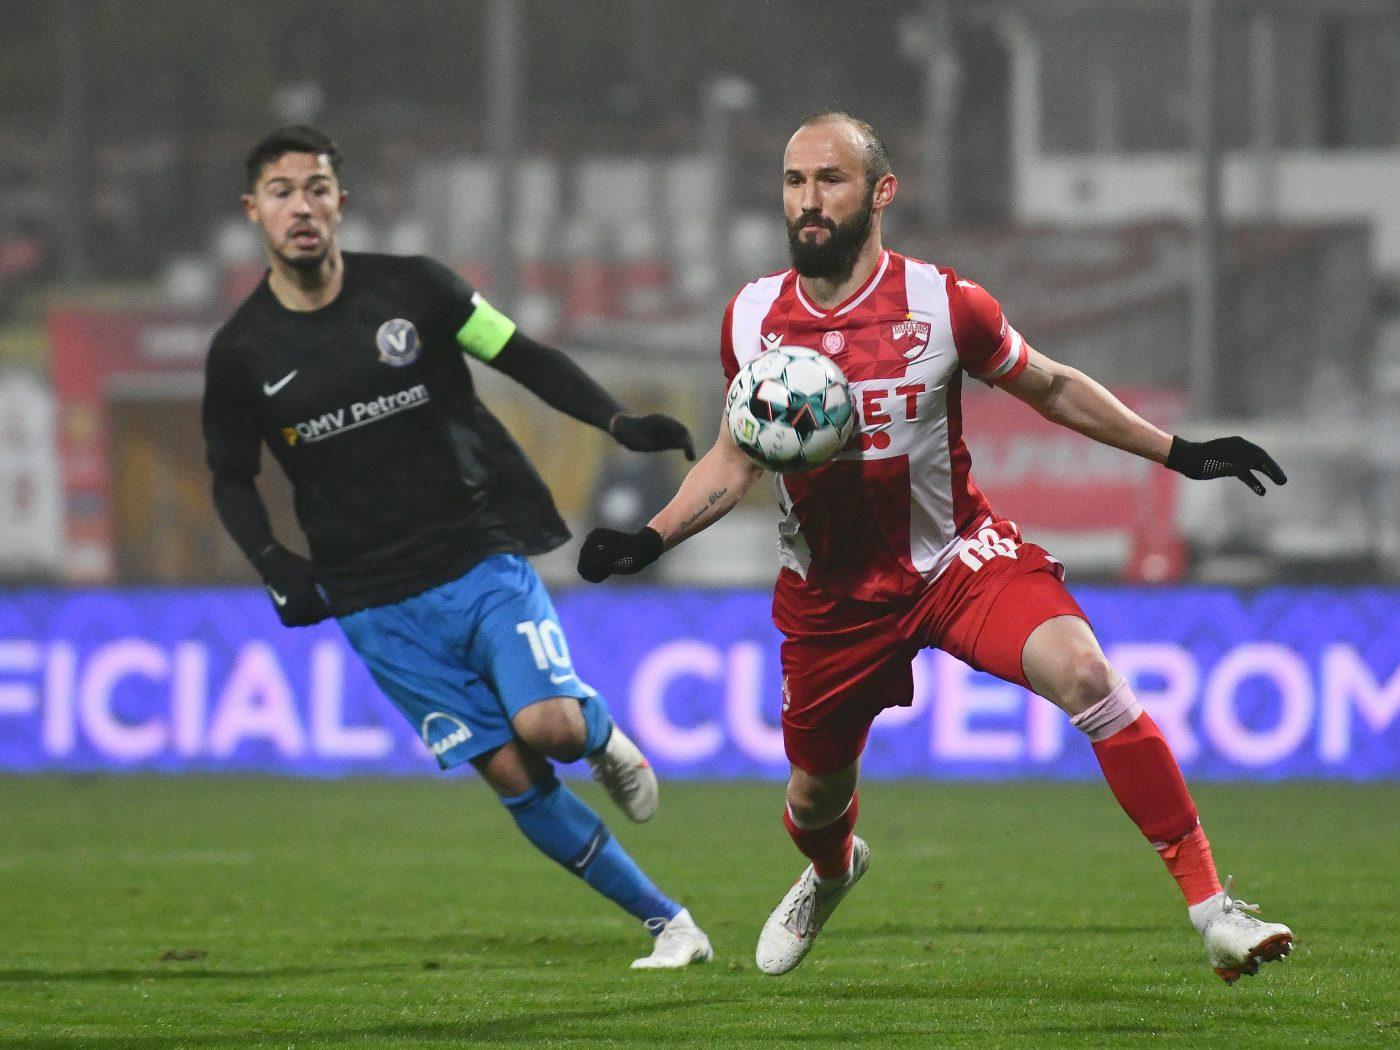 """Gabi Iancu, misterios după eșecul la scor cu Dinamo: """"Aș da în antrenori, dar nu cred că e frumos și normal!"""""""